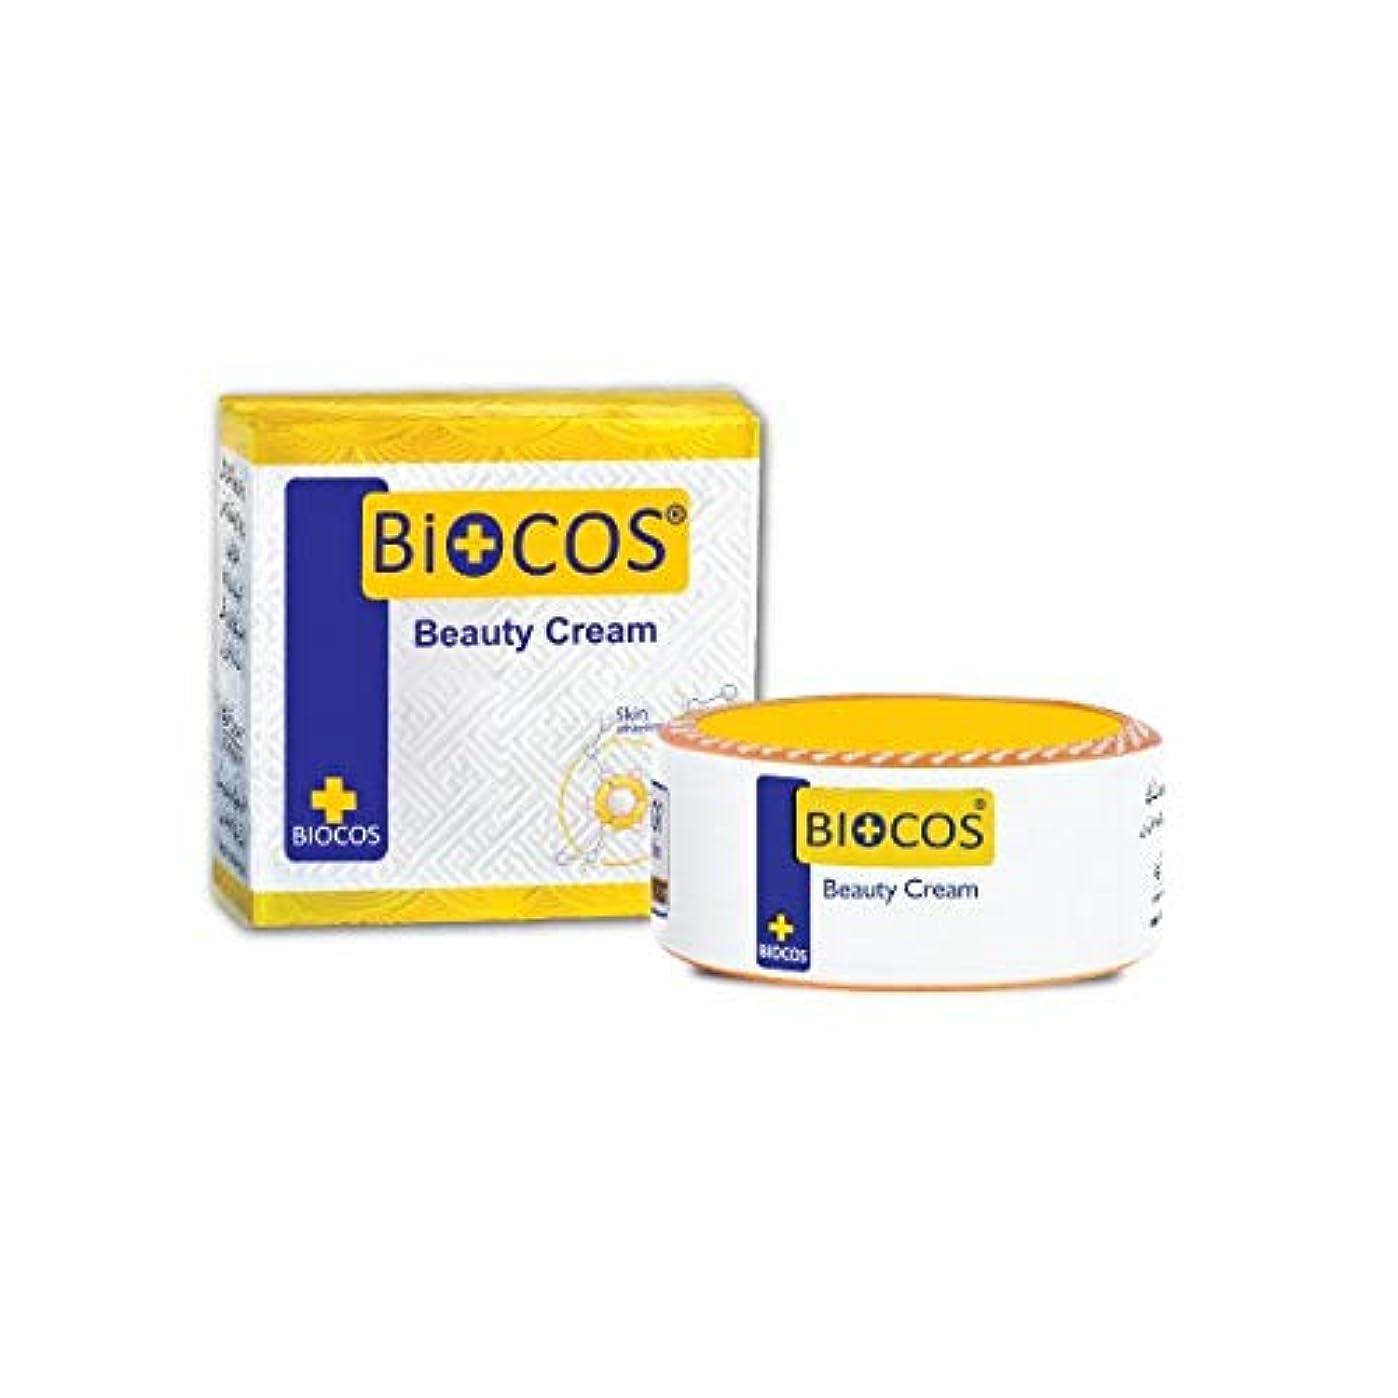 異邦人優れた正確Biocos Beauty Cream & Emergency Serum Original Import from Pakistan